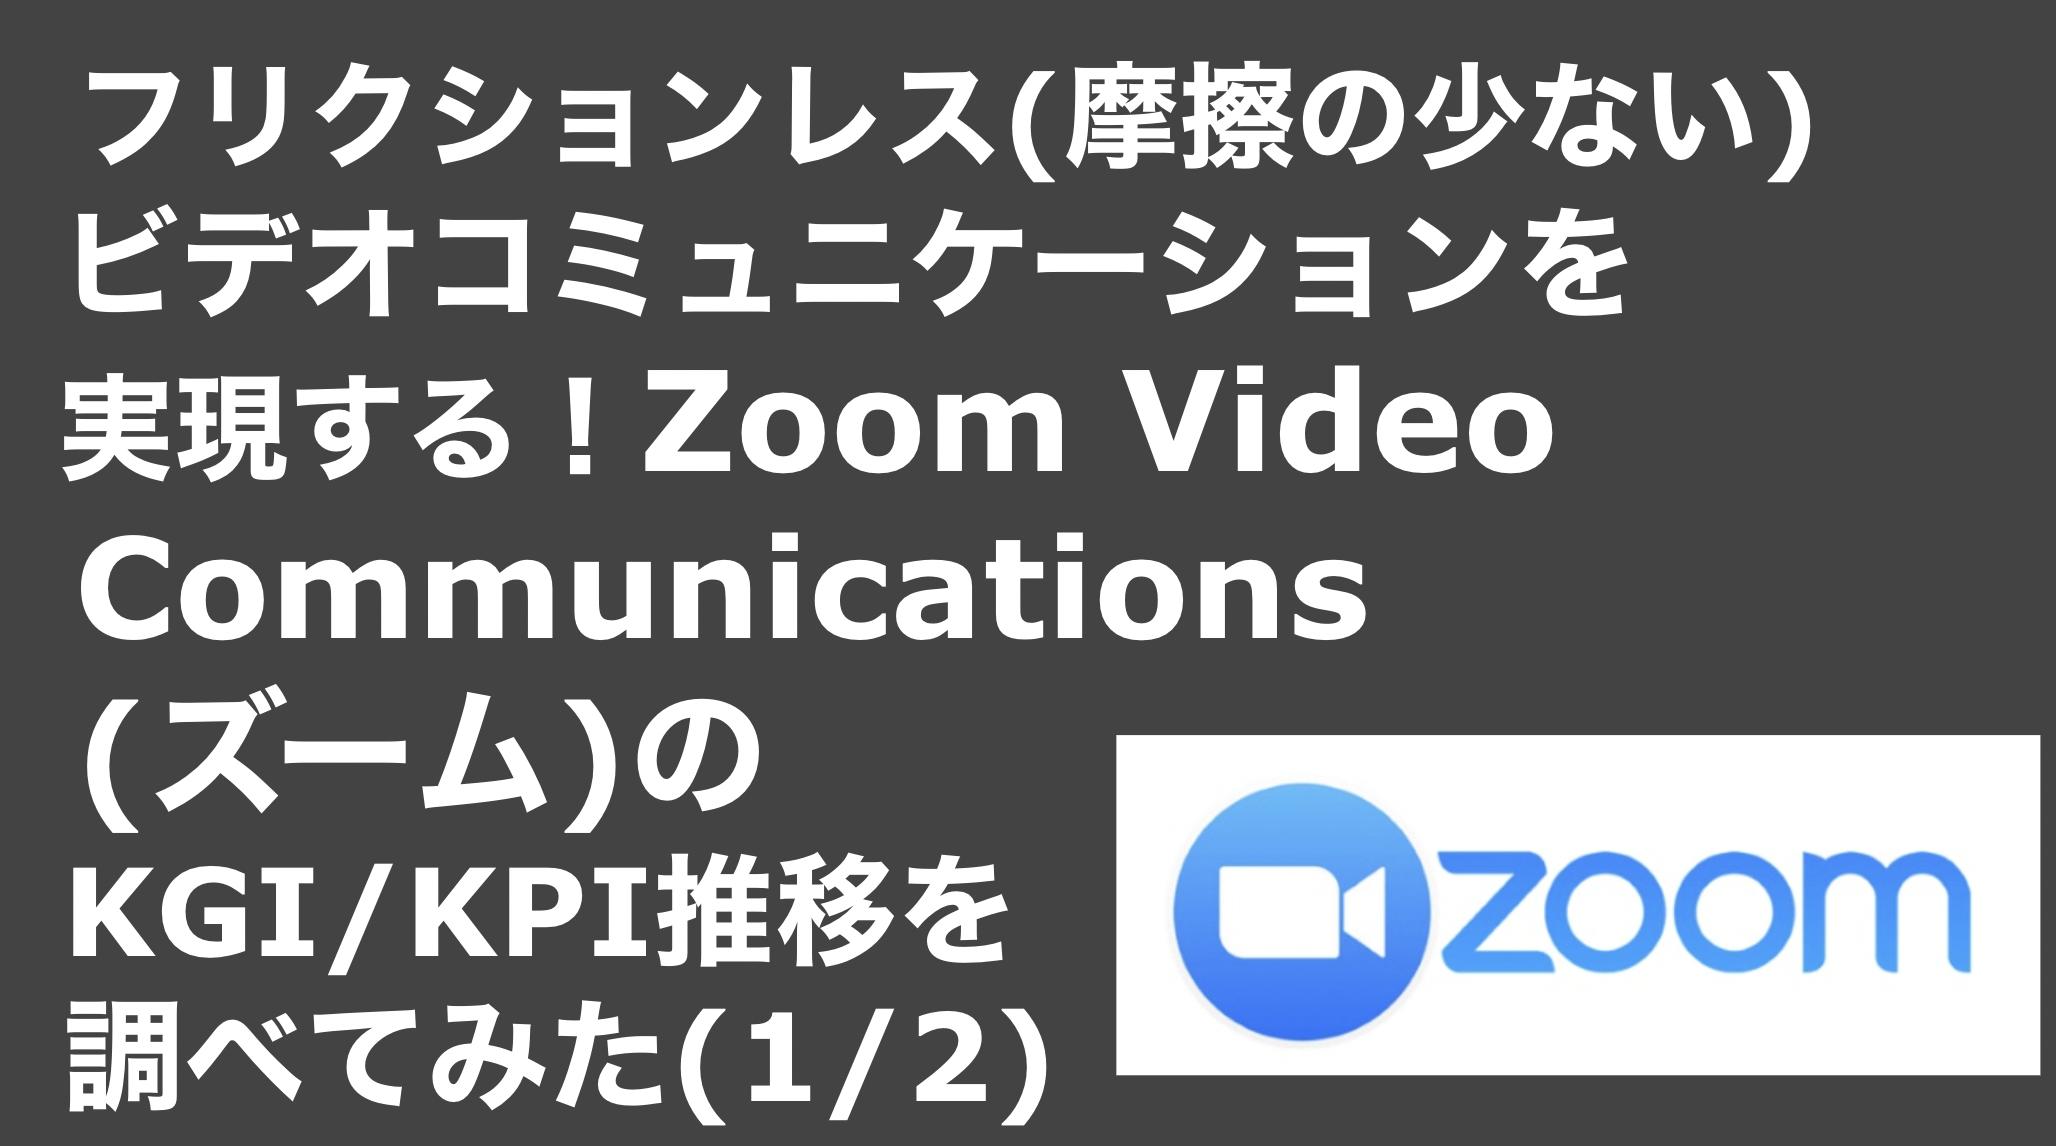 saaslife_ フリクションレス(摩擦の少ない)ビデオコミュニケーションを実現する!Zoom Video Communications(ズーム)のKGI/KPI推移を調べてみた(1/2)